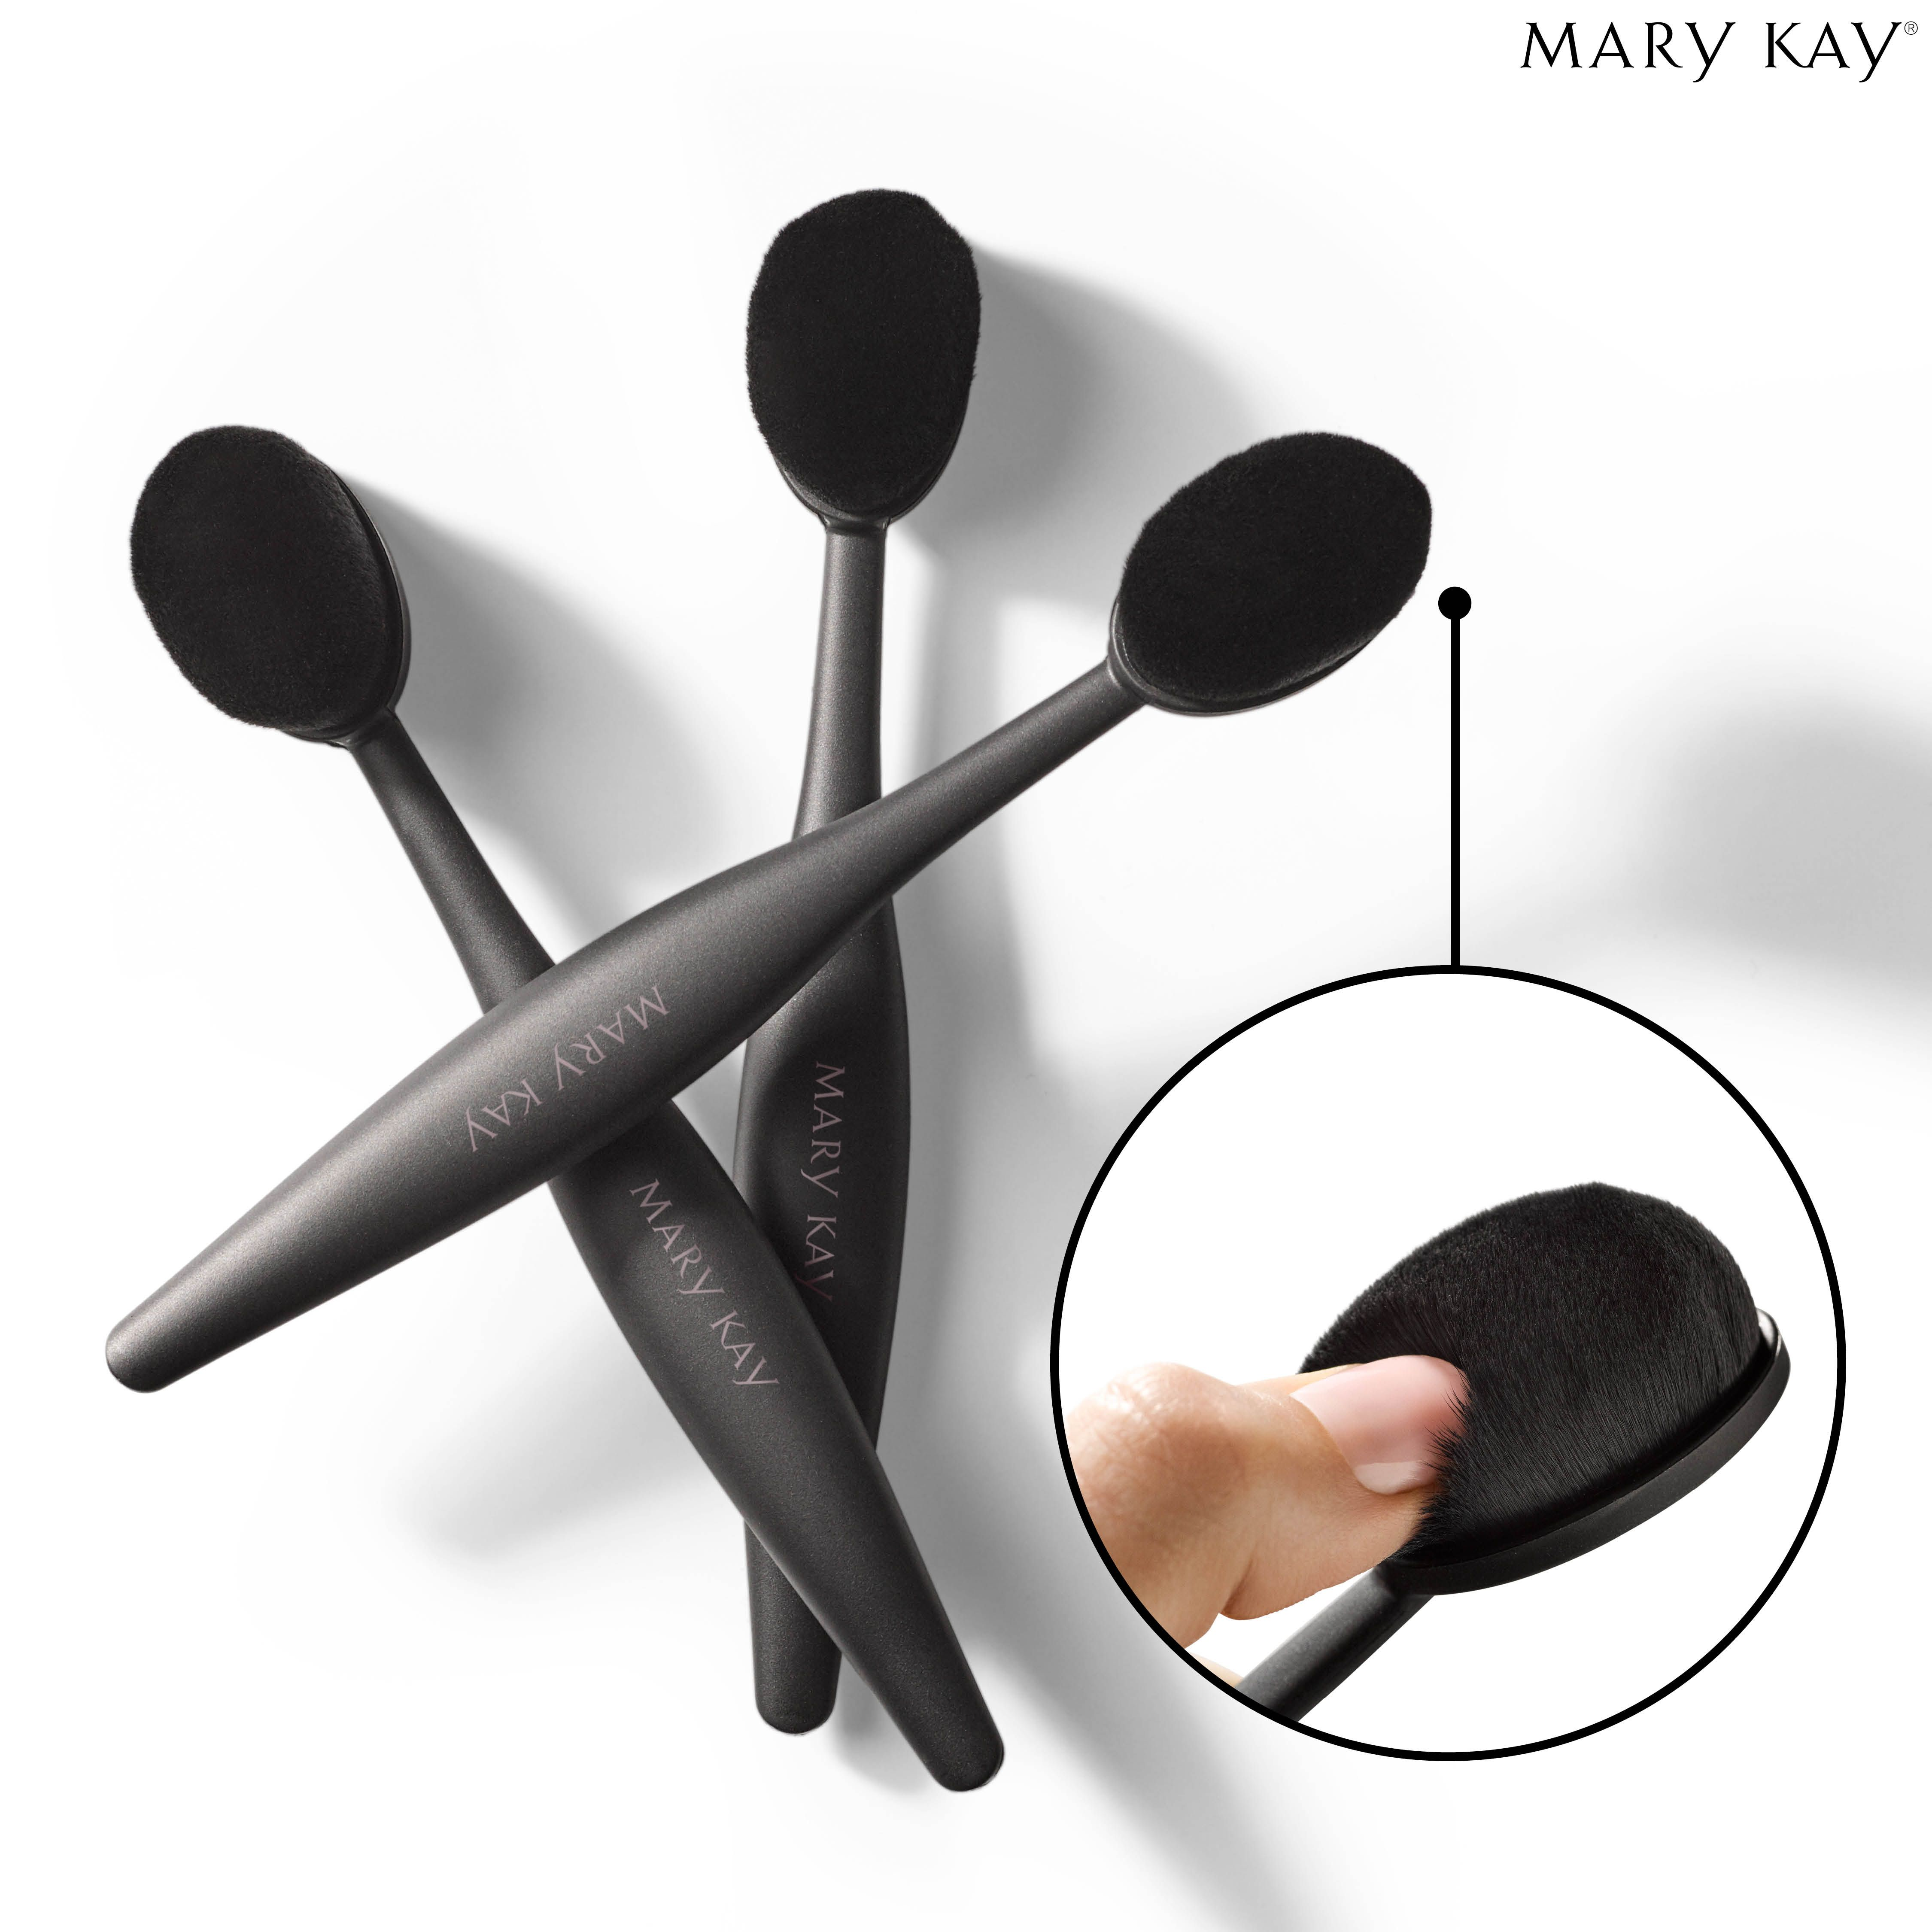 Beauty Blender Or Brush For Full Coverage: Dense. Soft. Superior Blending! This NEW Mary Kay